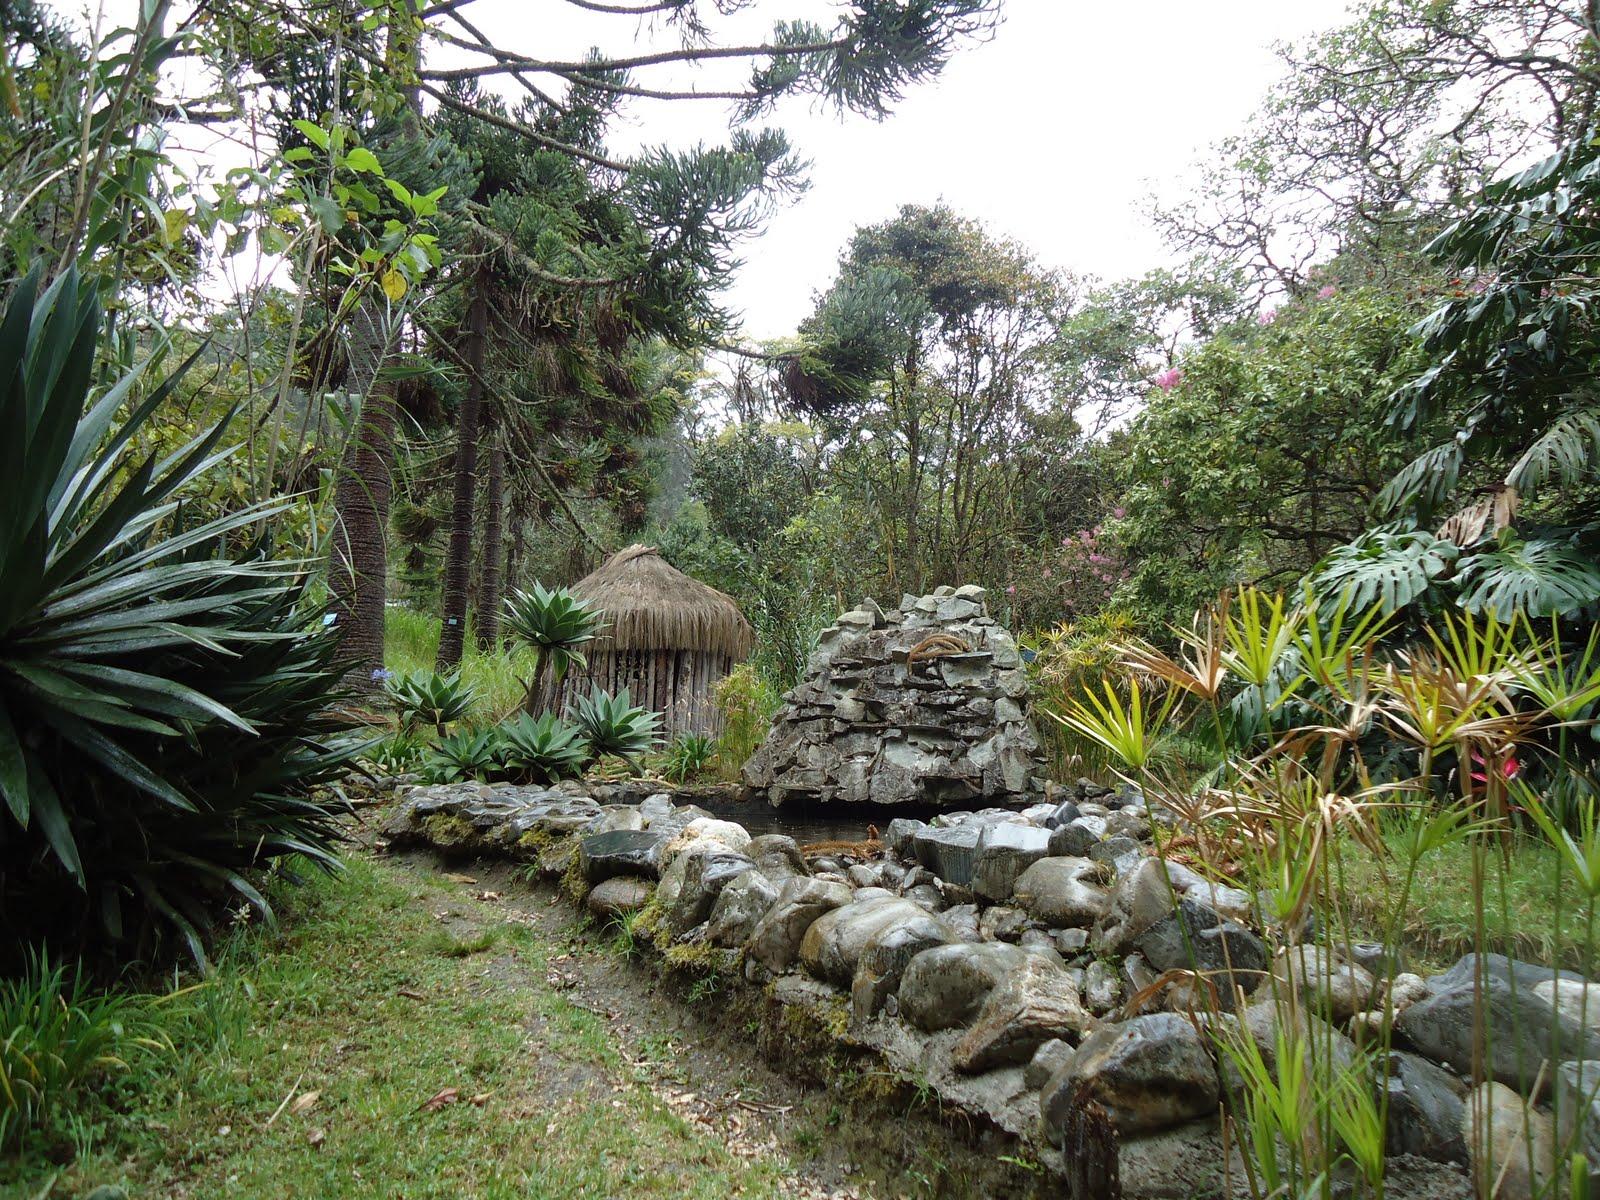 Turismo visita al jard n bot nico for Actividad de perros en el jardin botanico de caguas